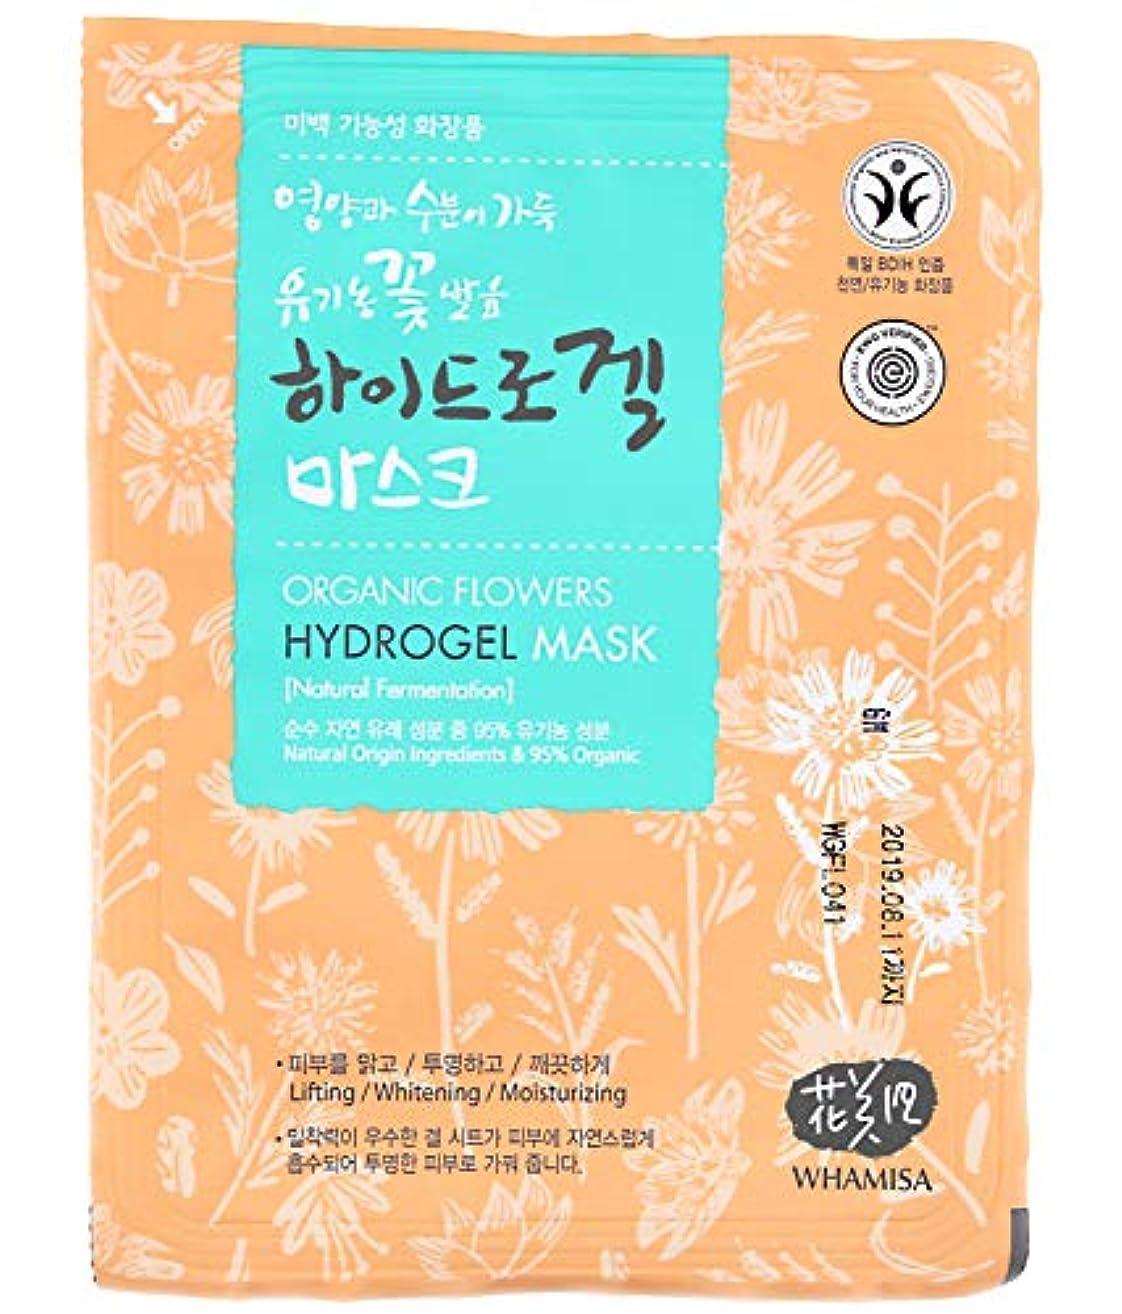 企業告白するスペースWhamisa あなたの健康のためにオーガニックフェイシャルマスク33グラム×1(花&アロエ発酵ヒドロゲル)/ EWG確認済み(TM)